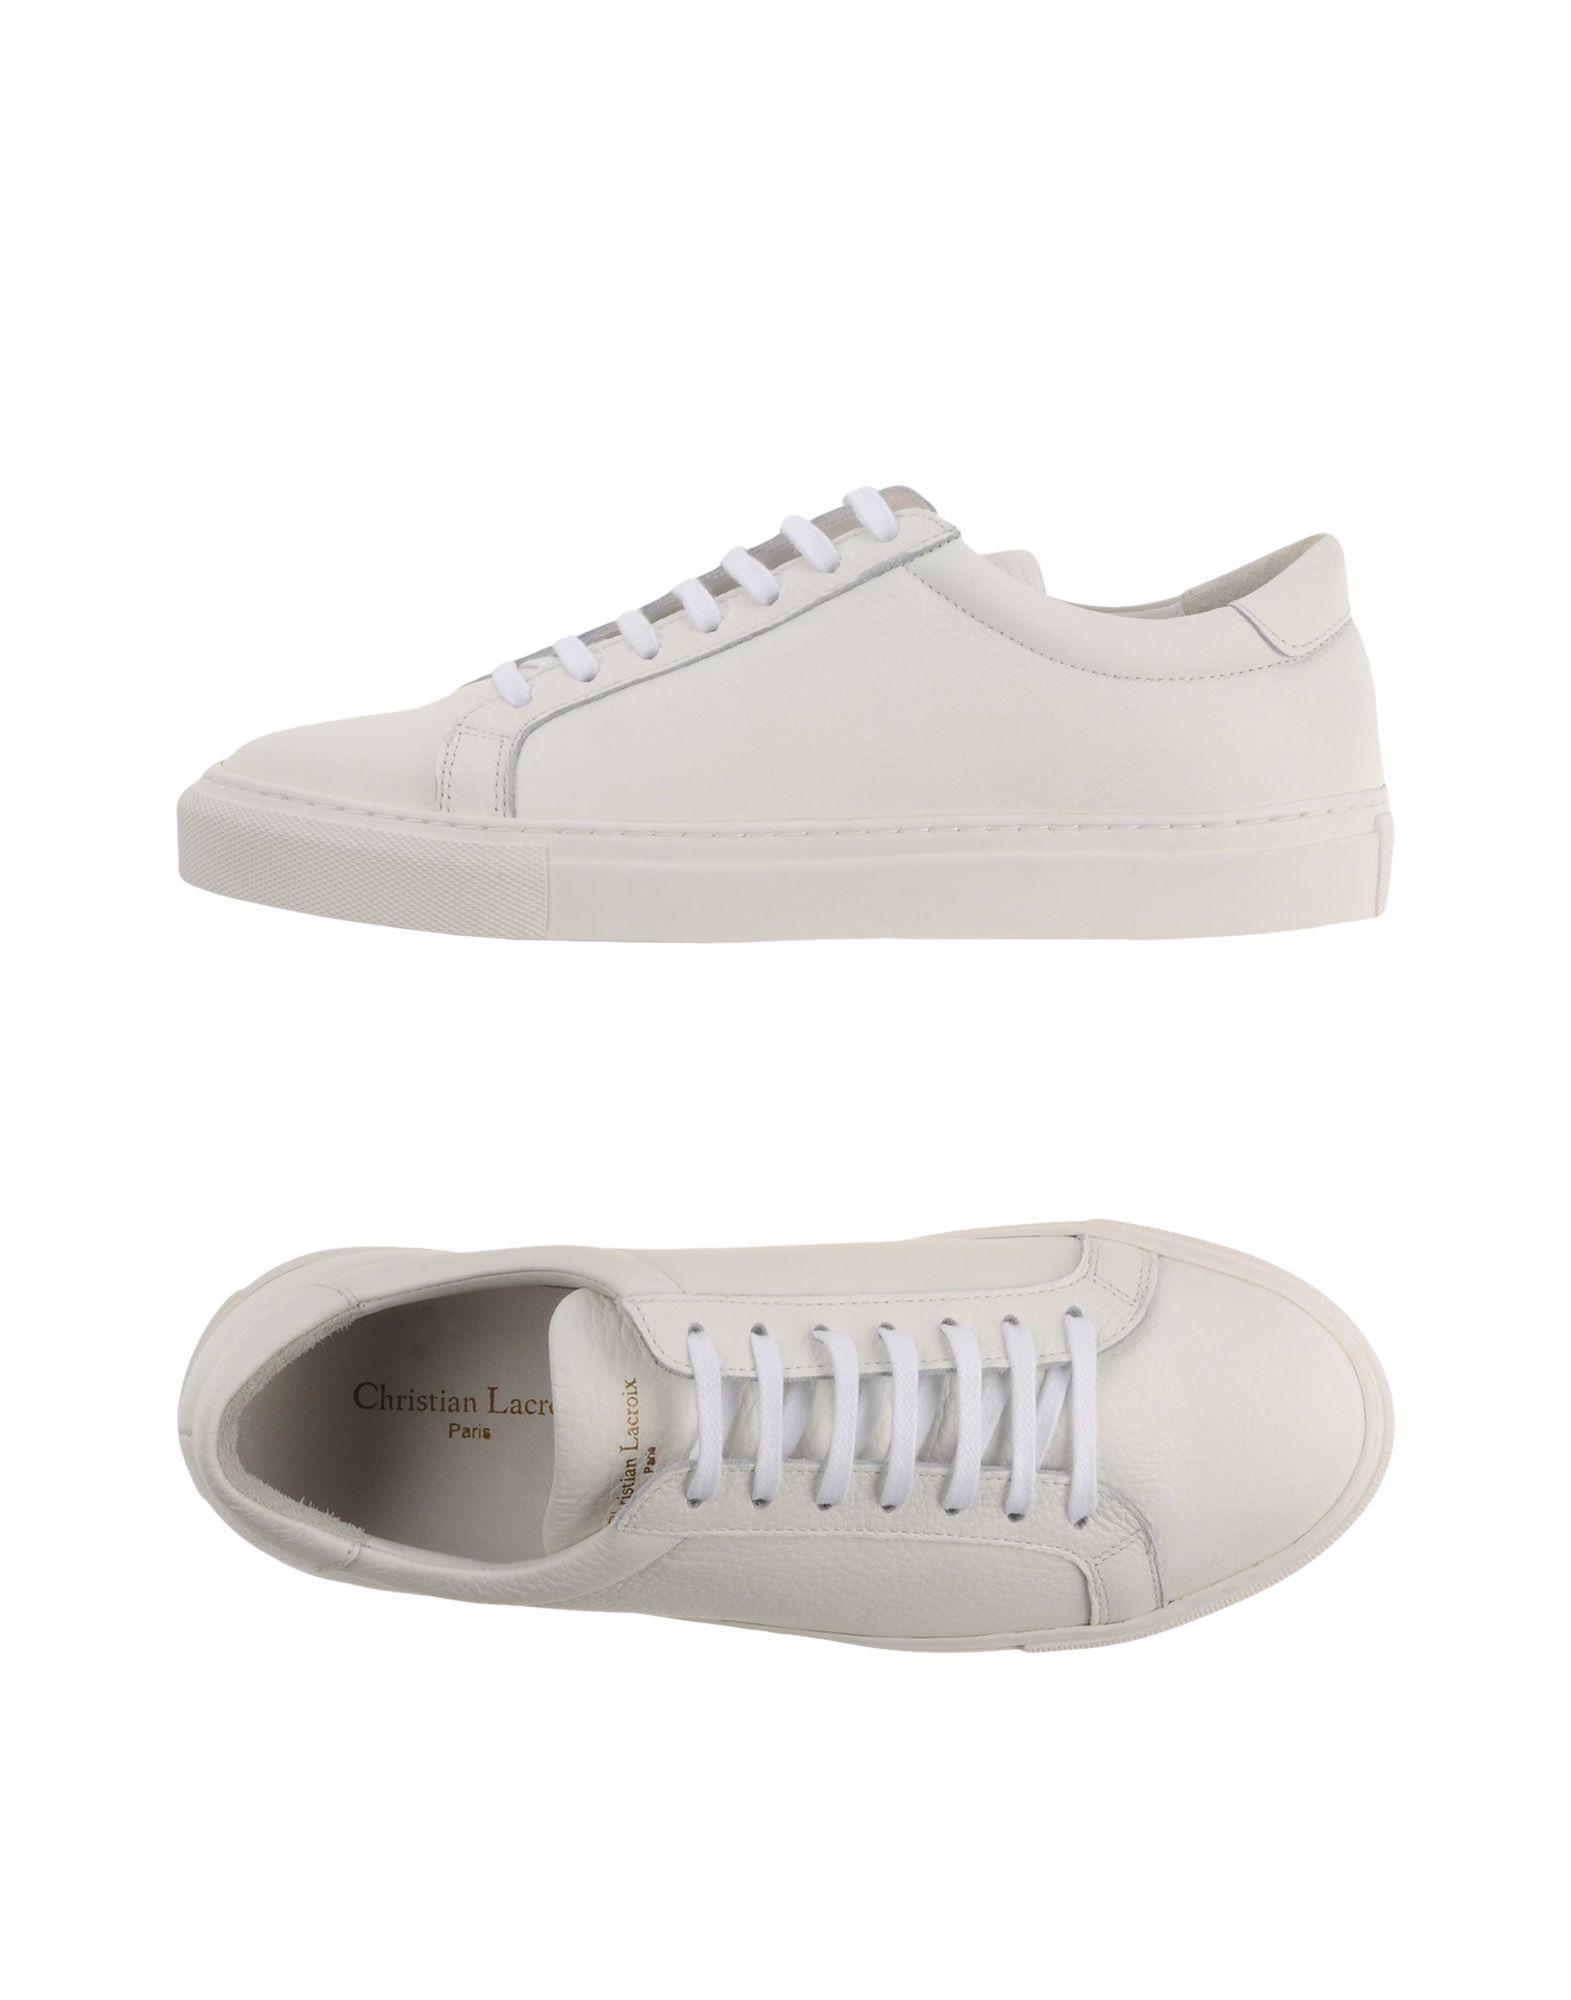 Christian Lacroix Mens Shoes